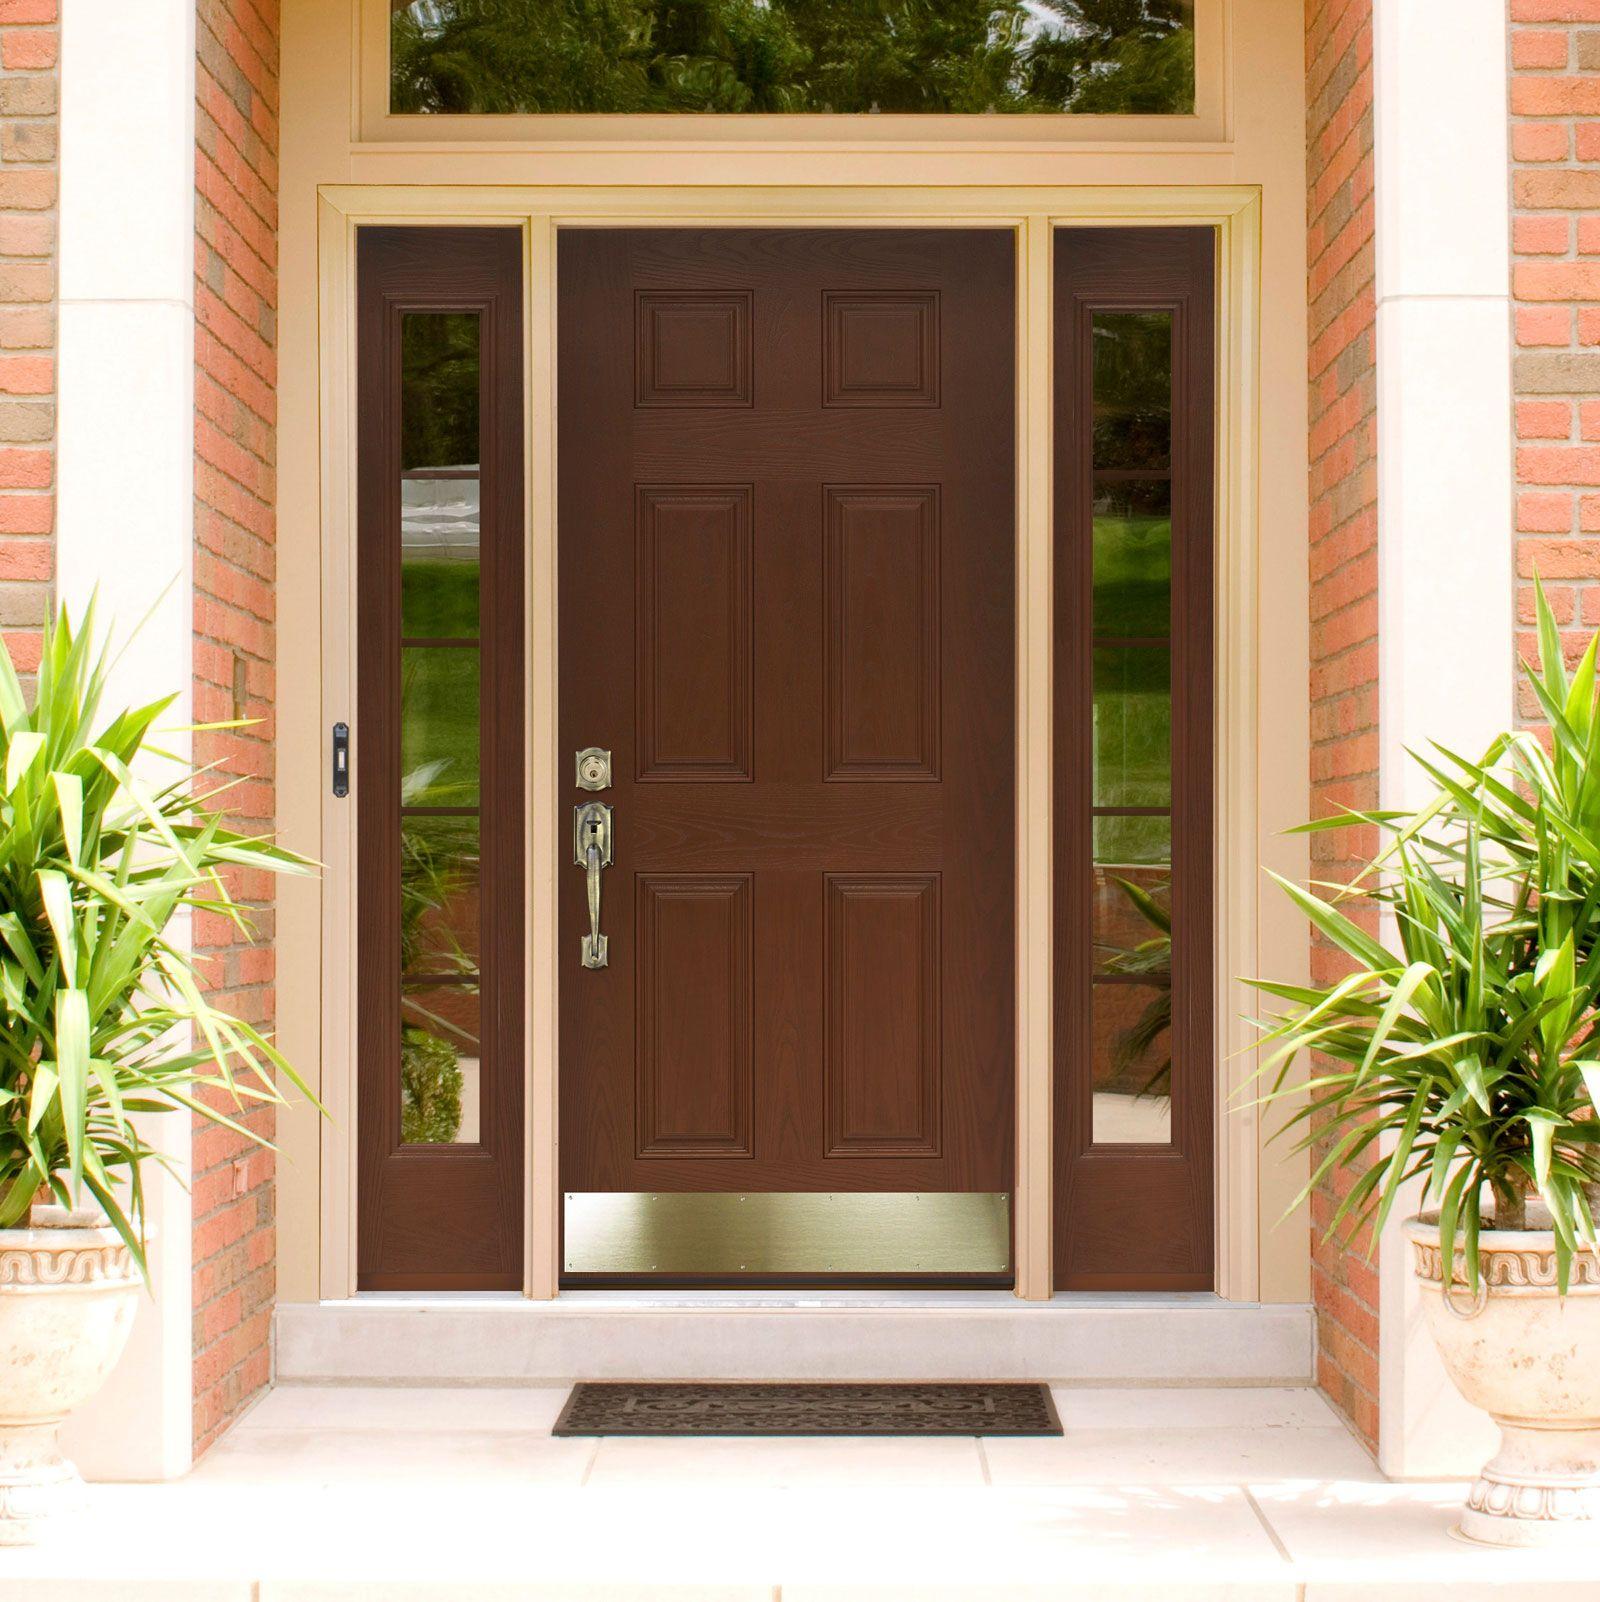 Exterior Door Color Ideas exciting modern front door ideas in dark brown color with door